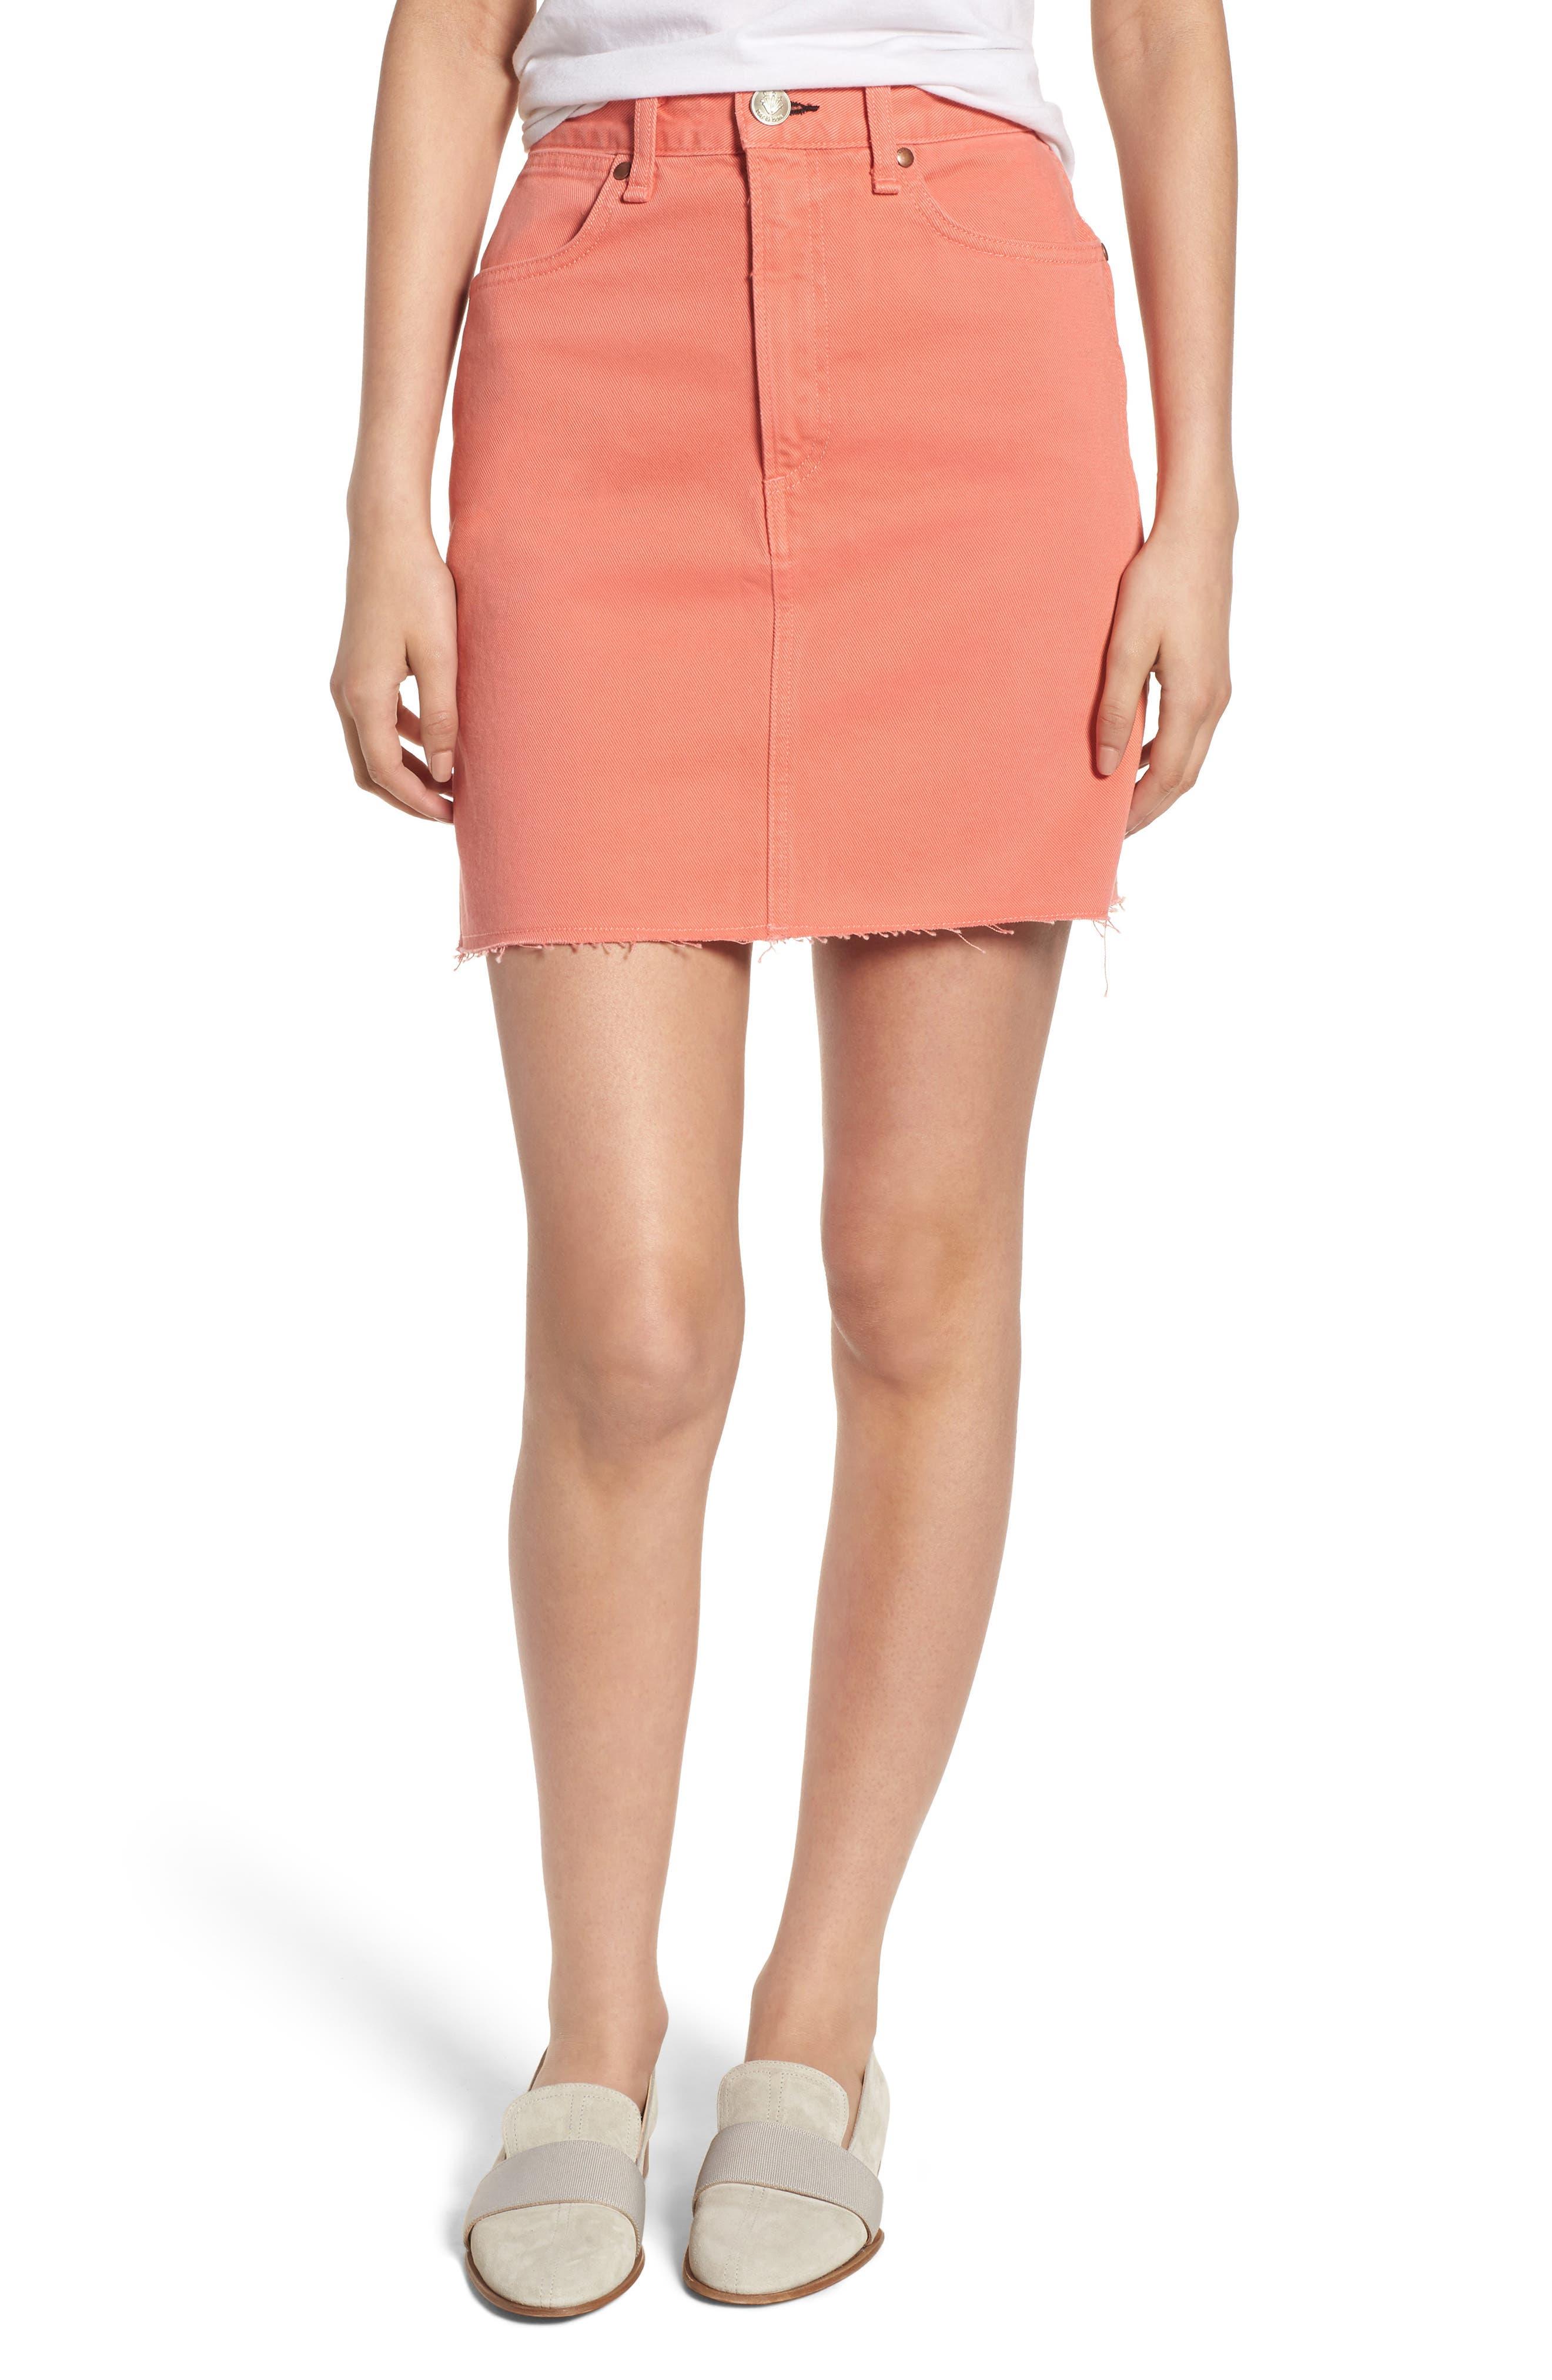 Moss High Waist Denim Miniskirt,                         Main,                         color, Coral Haze